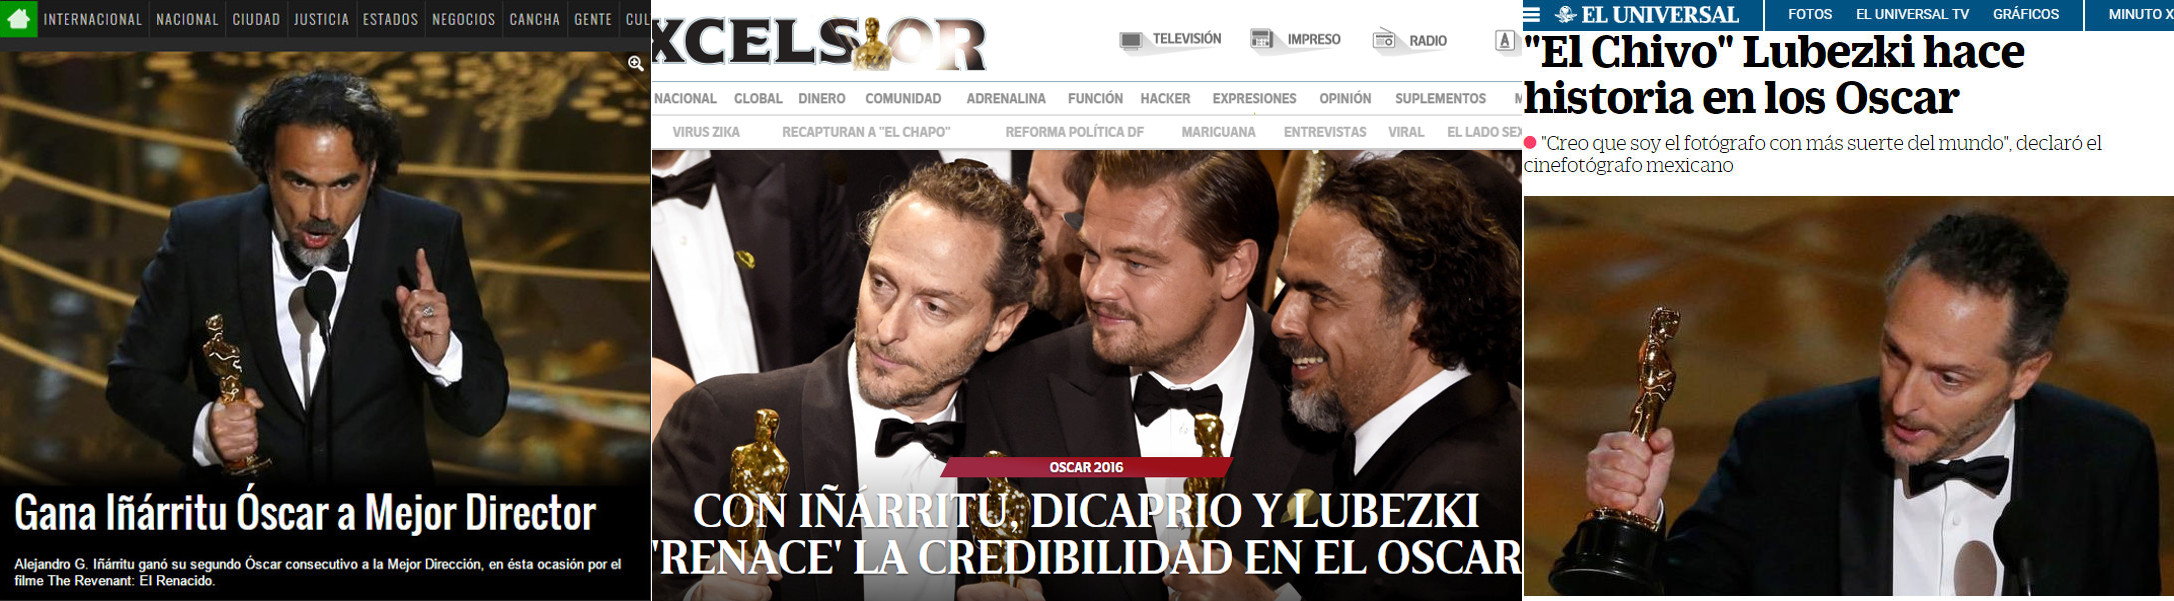 ¡El Negro, El Chivo y DiCaprio!